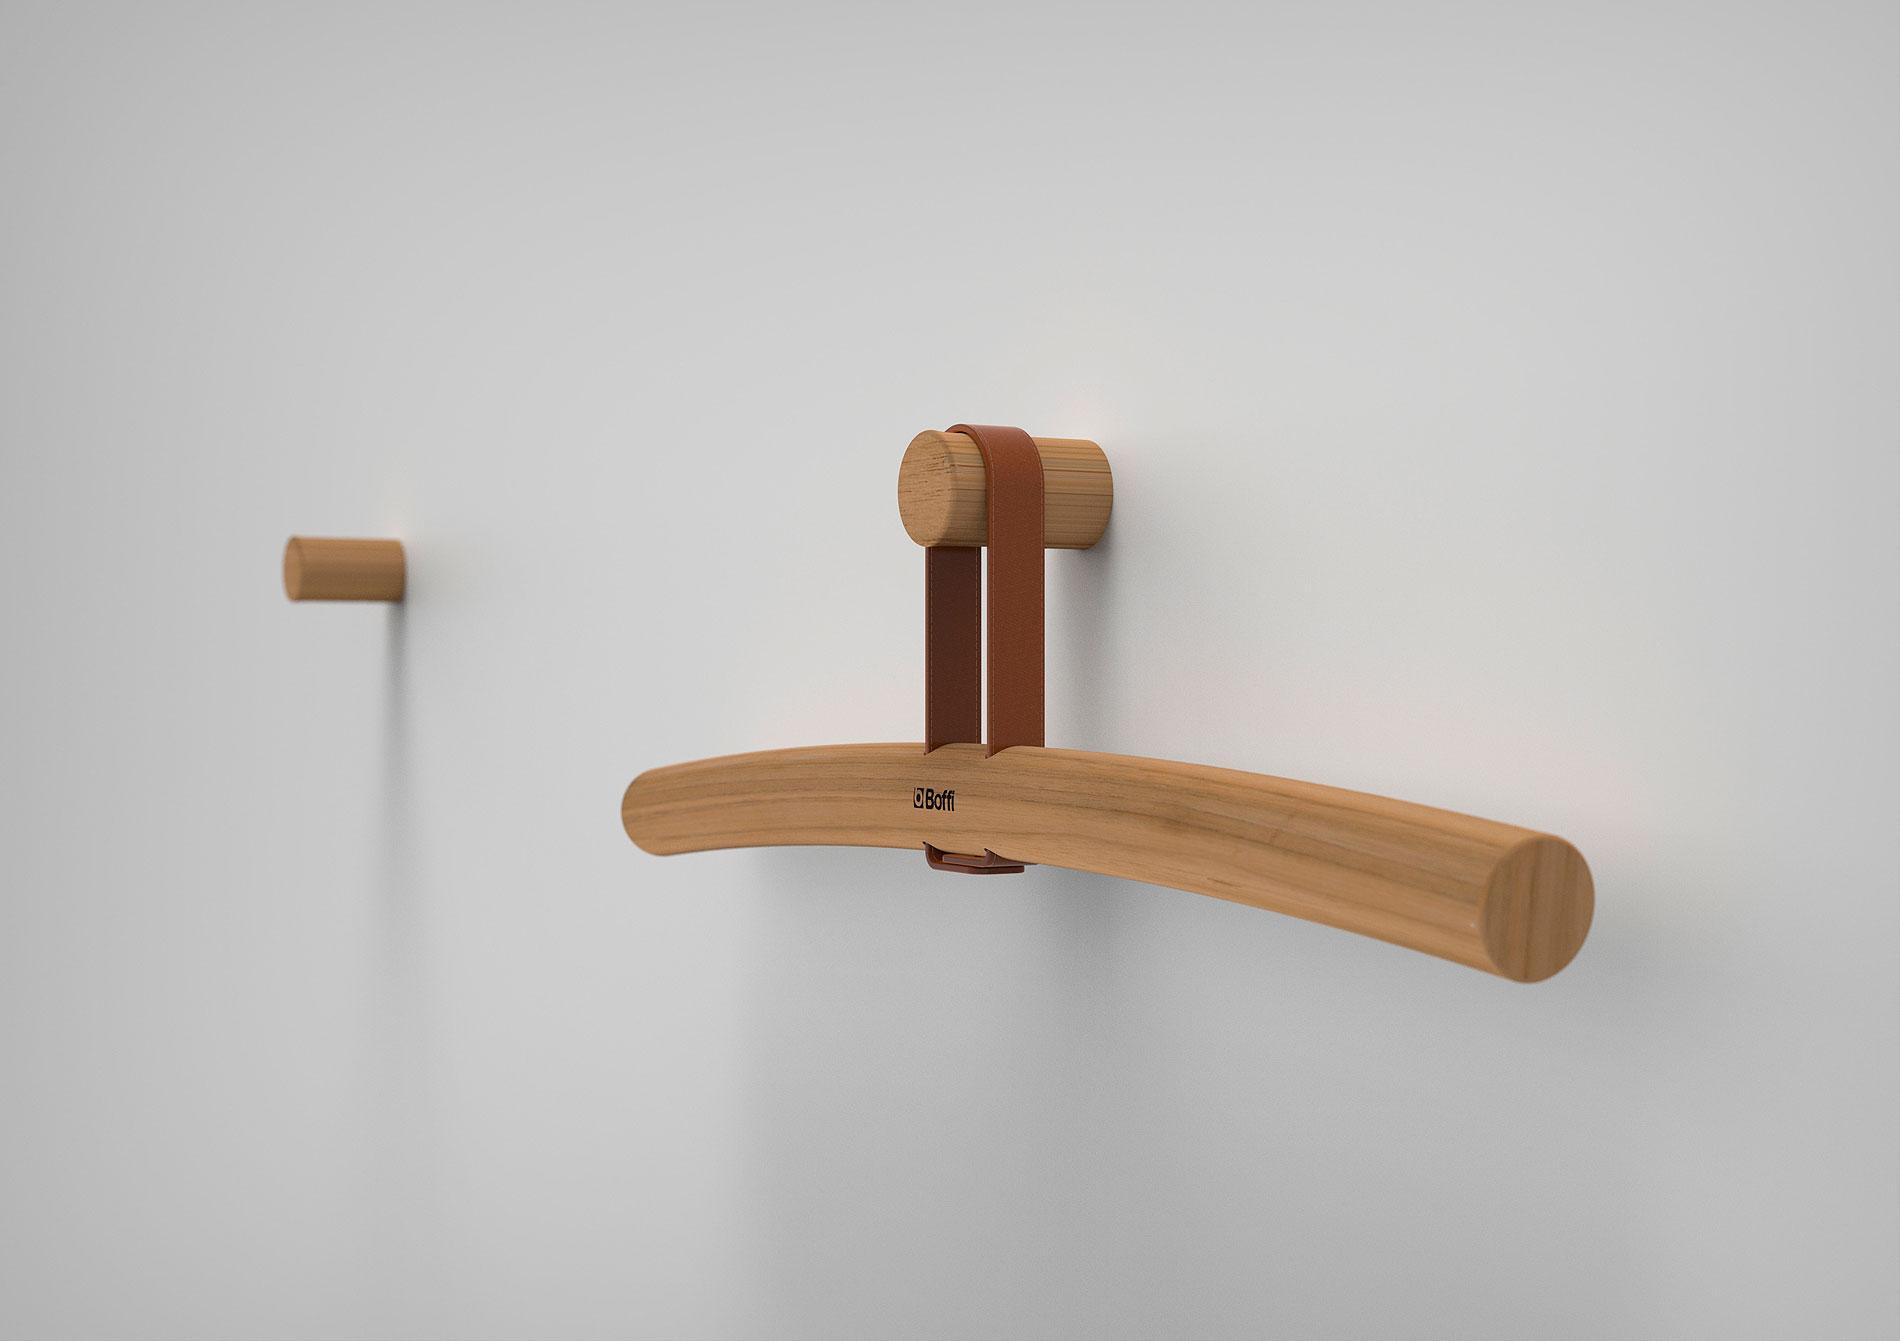 accesorios-para-baño-twins-boffi (5)